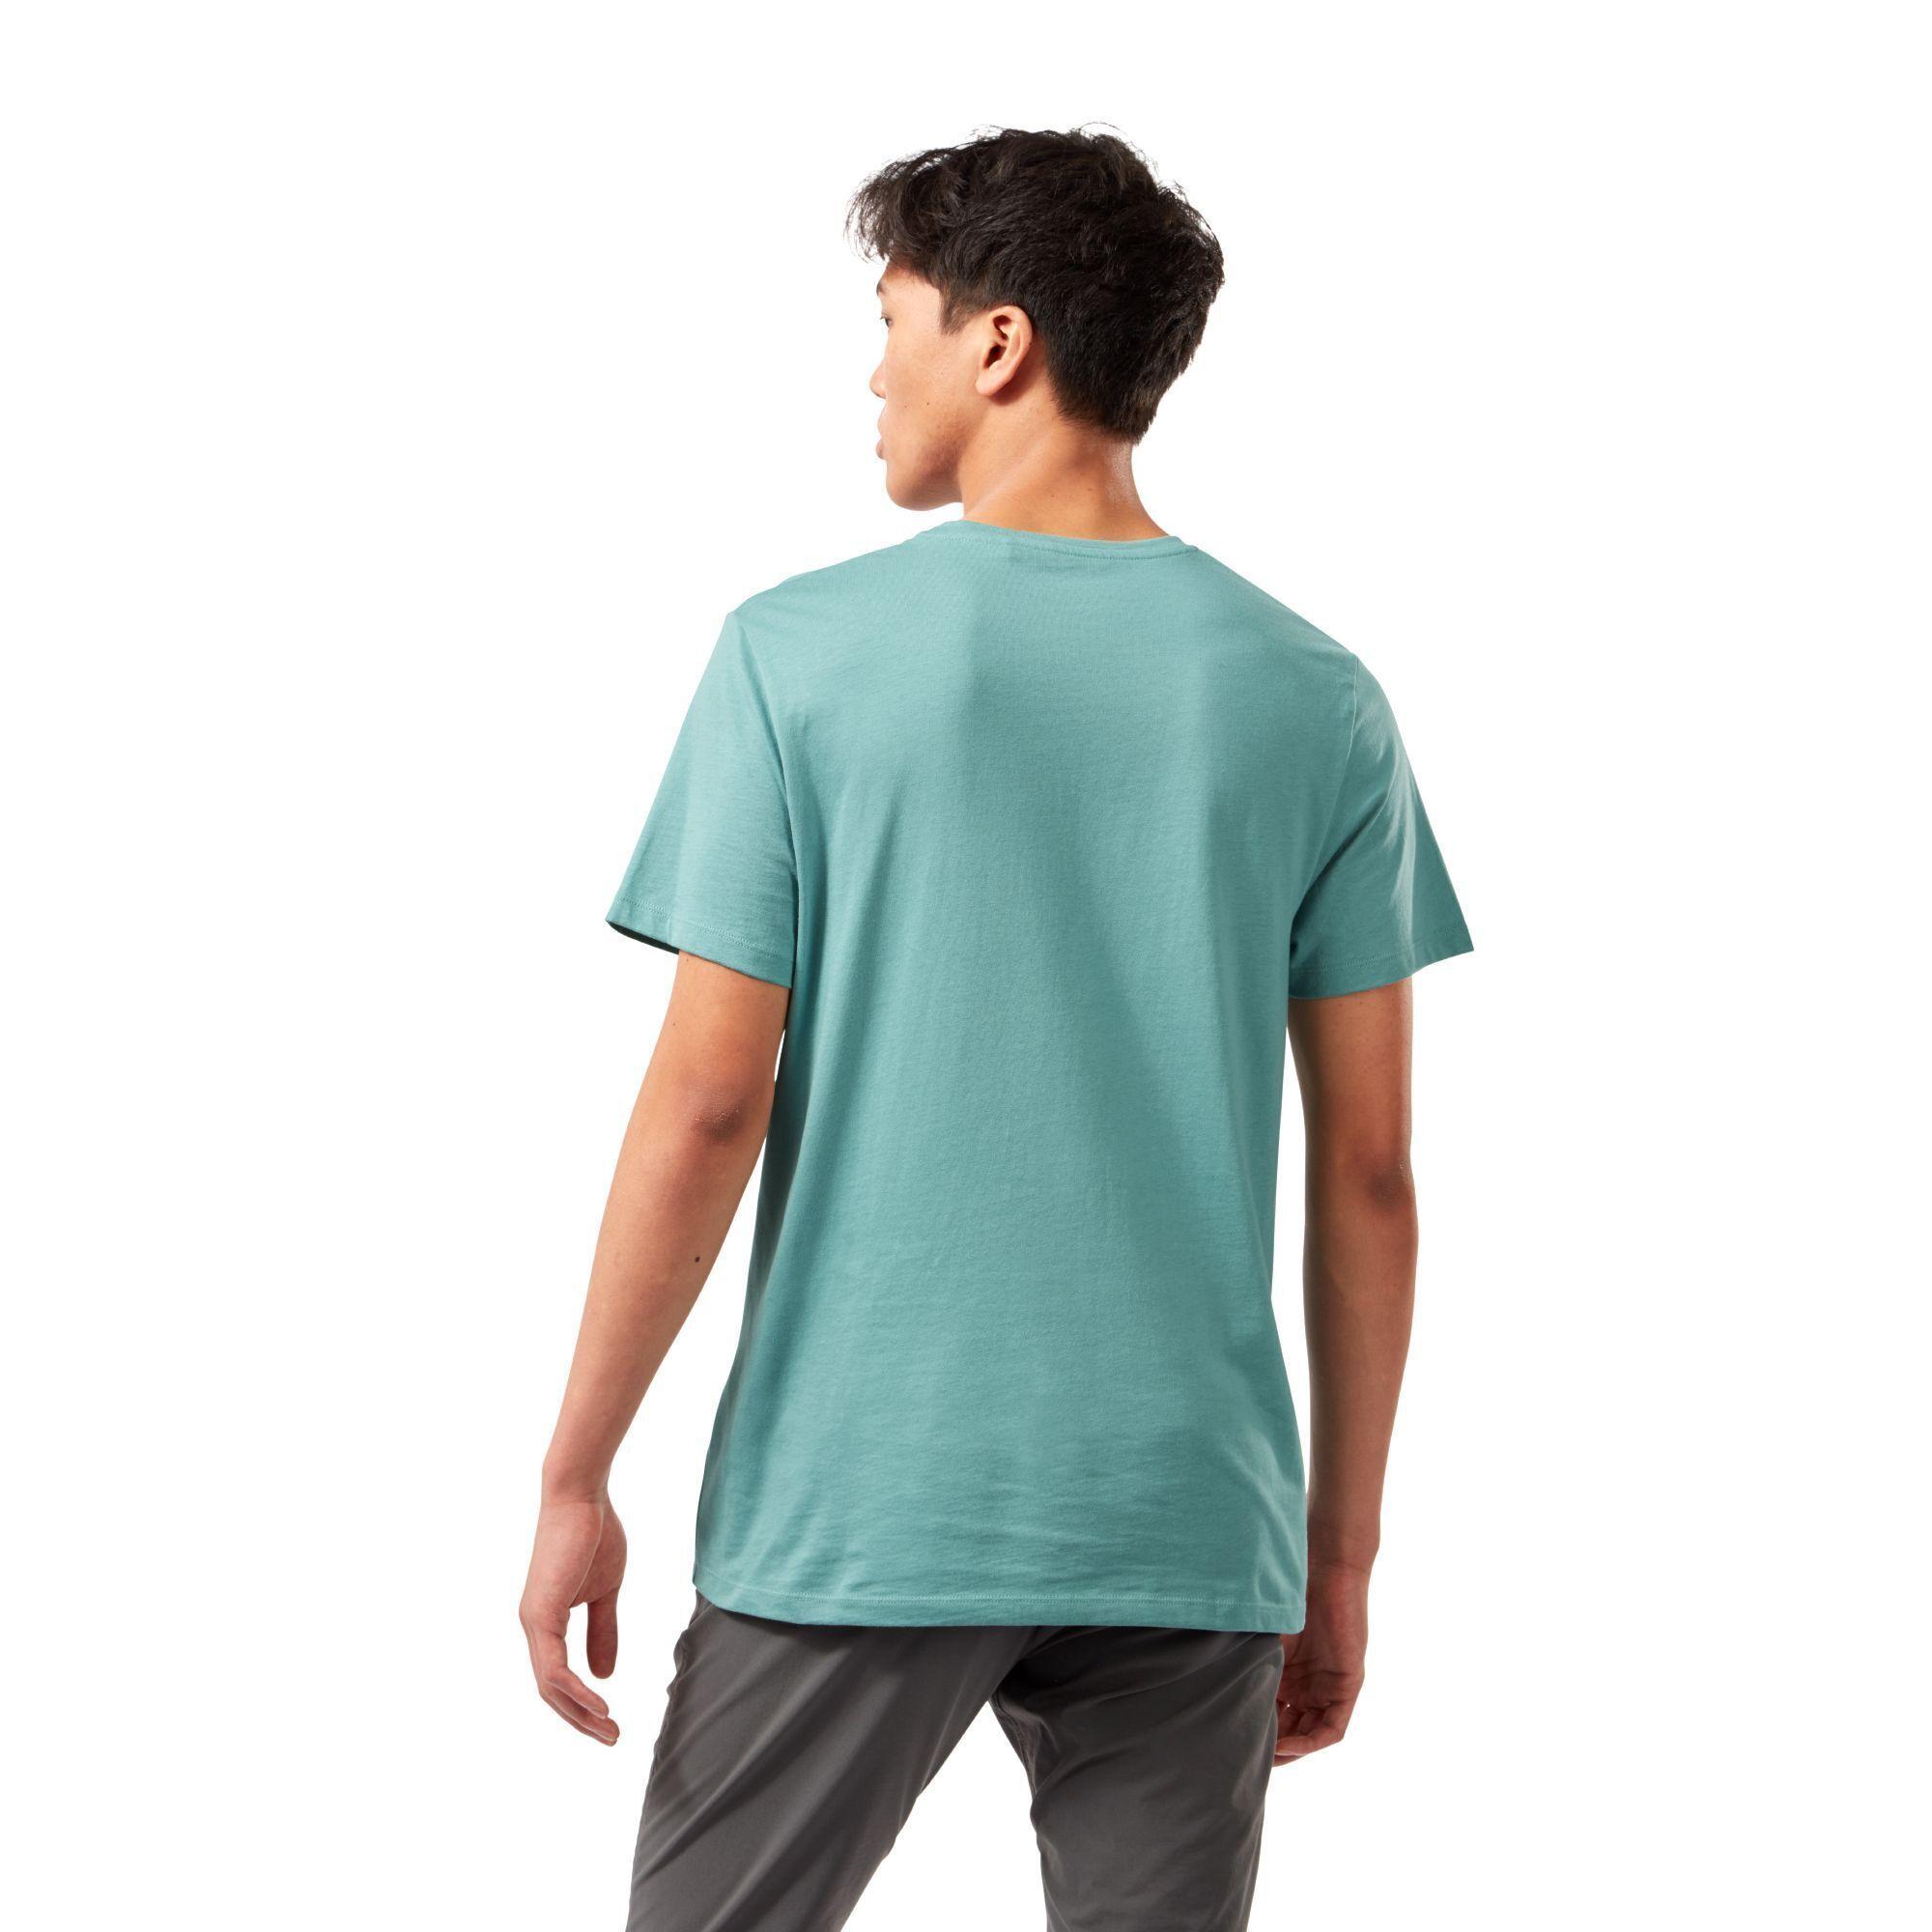 Craghoppers Mens Mightie Circle T-Shirt (Dusty Aqua)